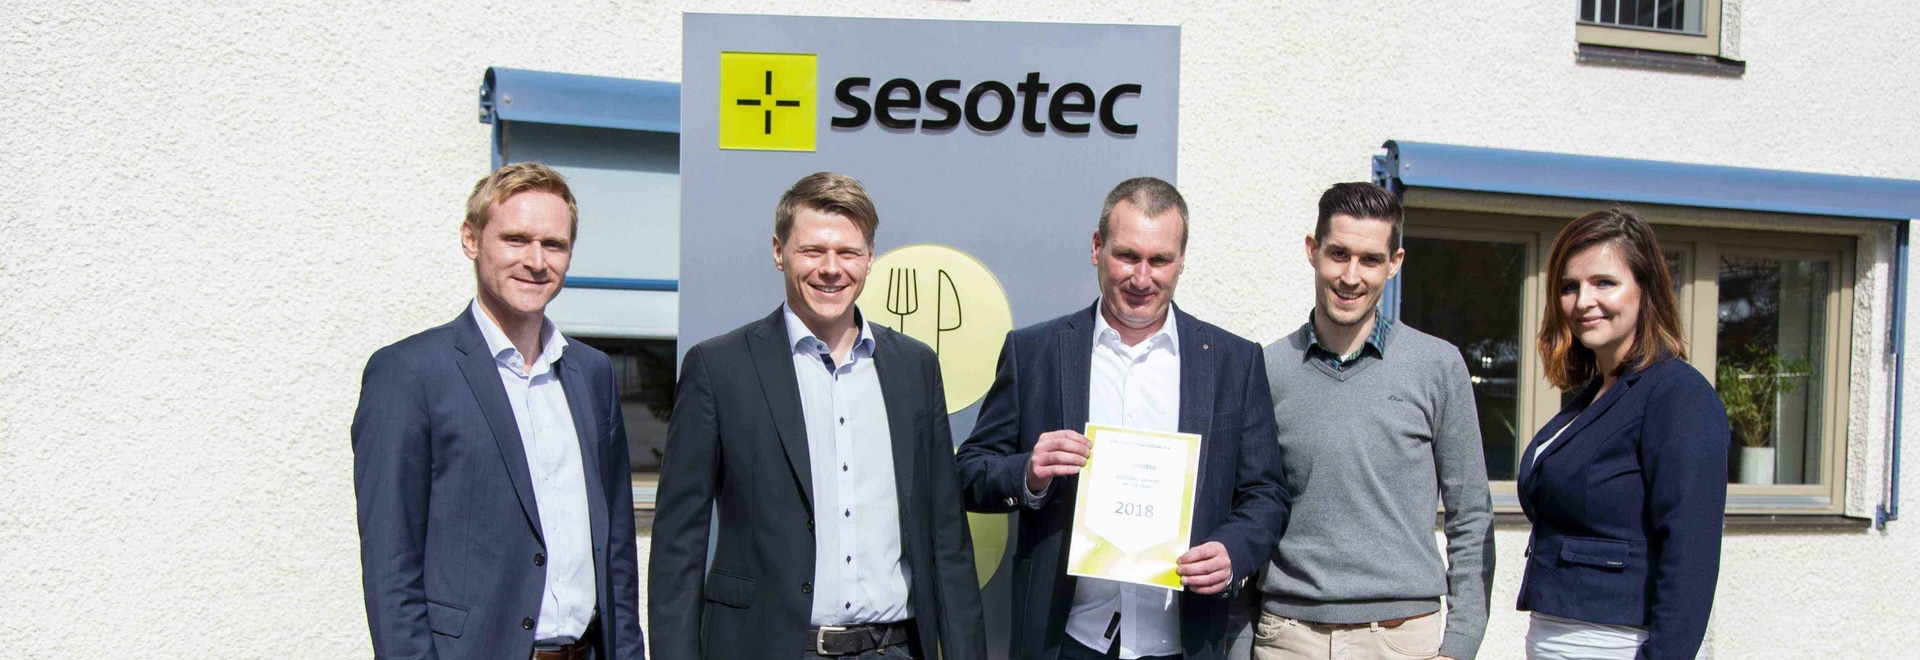 """El equipo de ventas de Sesotec tuvo el placer de presentar el """"Regional Dealer Award 2018"""" a Stol inspection systems bv"""